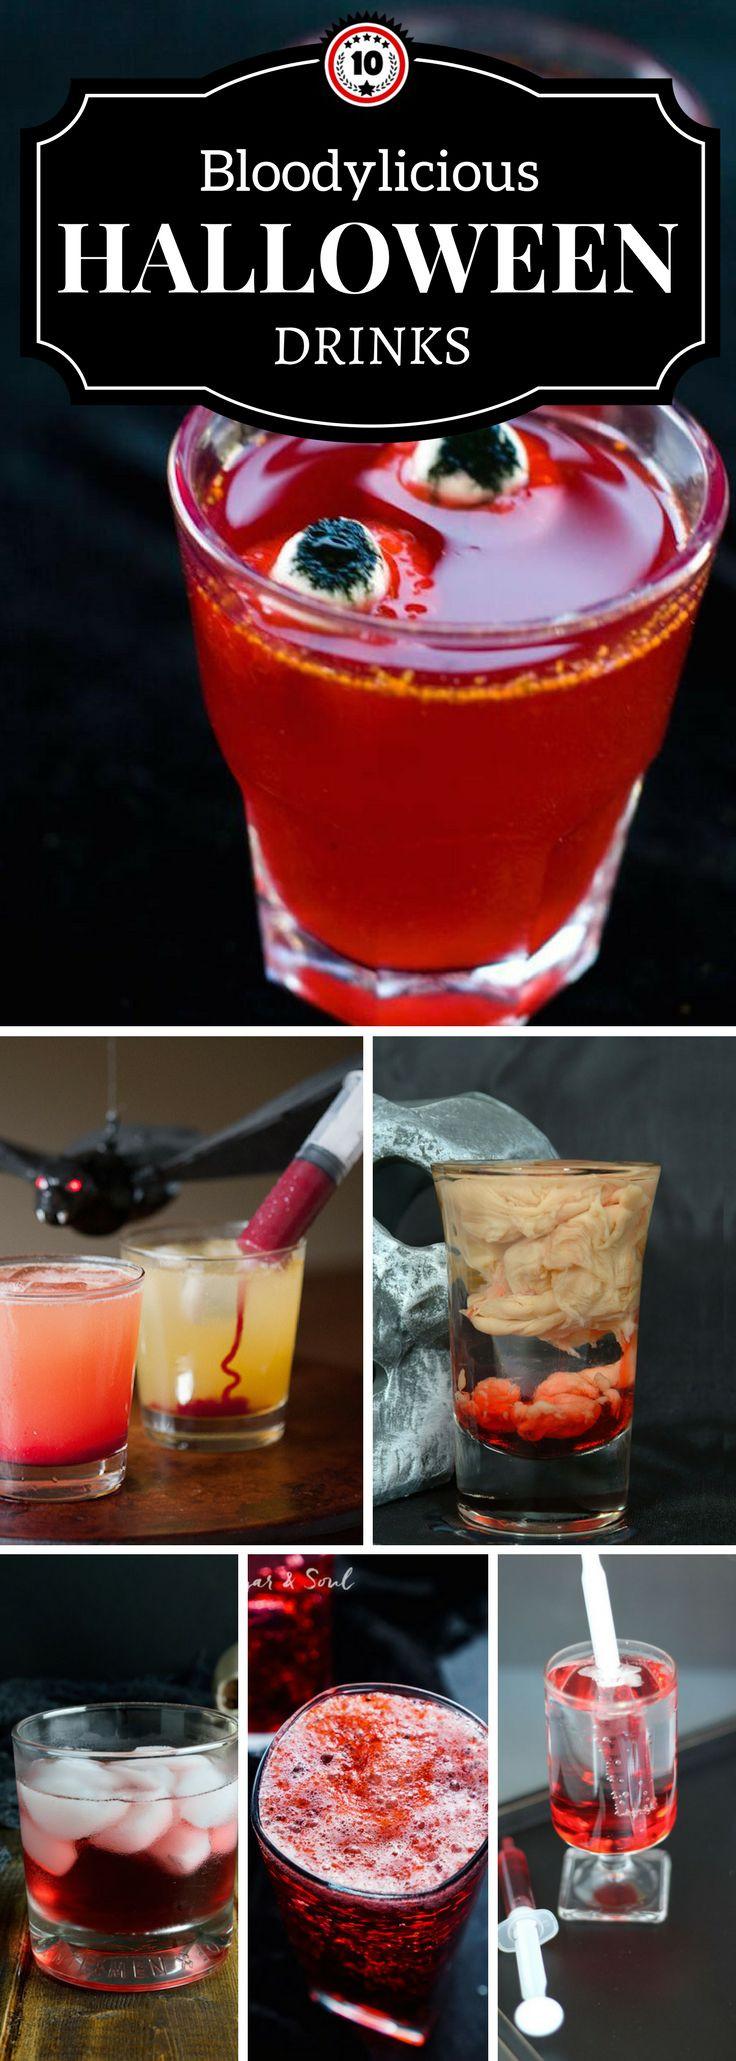 Halloween Drinks Alcoholic  Best 25 Halloween drinks ideas on Pinterest